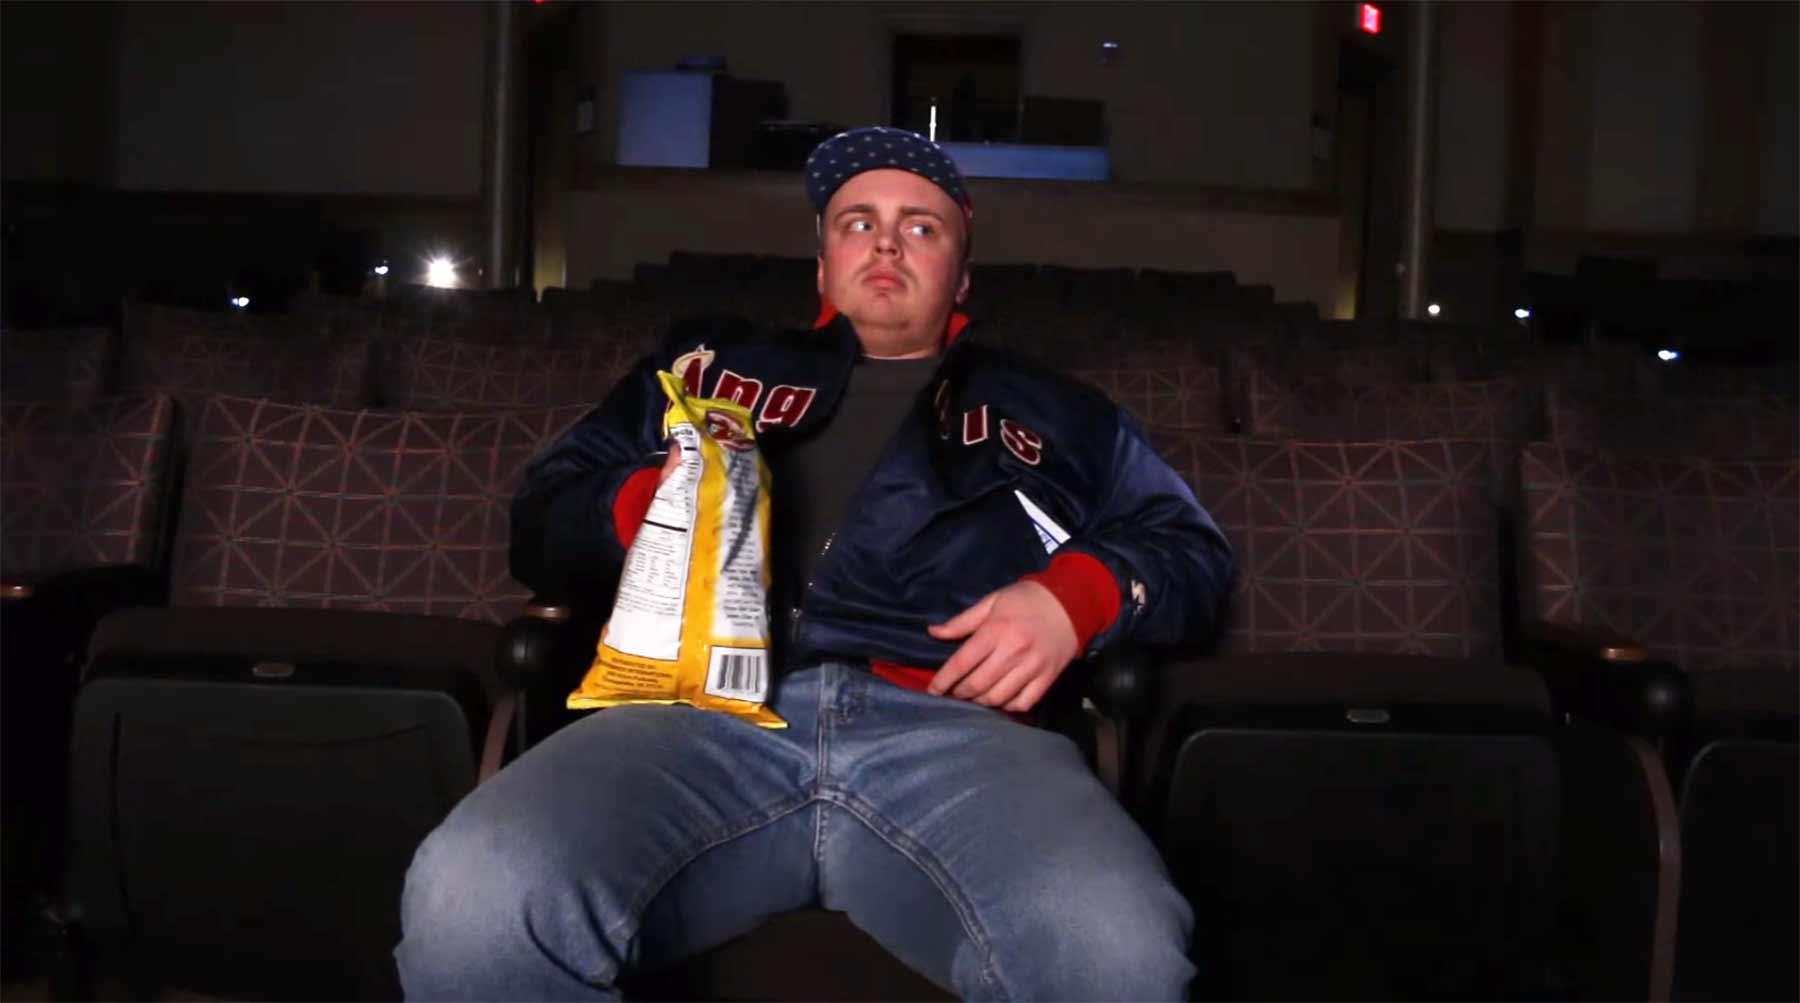 Geschmuggeltes Essen im Kino synchron zum Sound futtern kino-essen-unbemerkt-schmuggeln